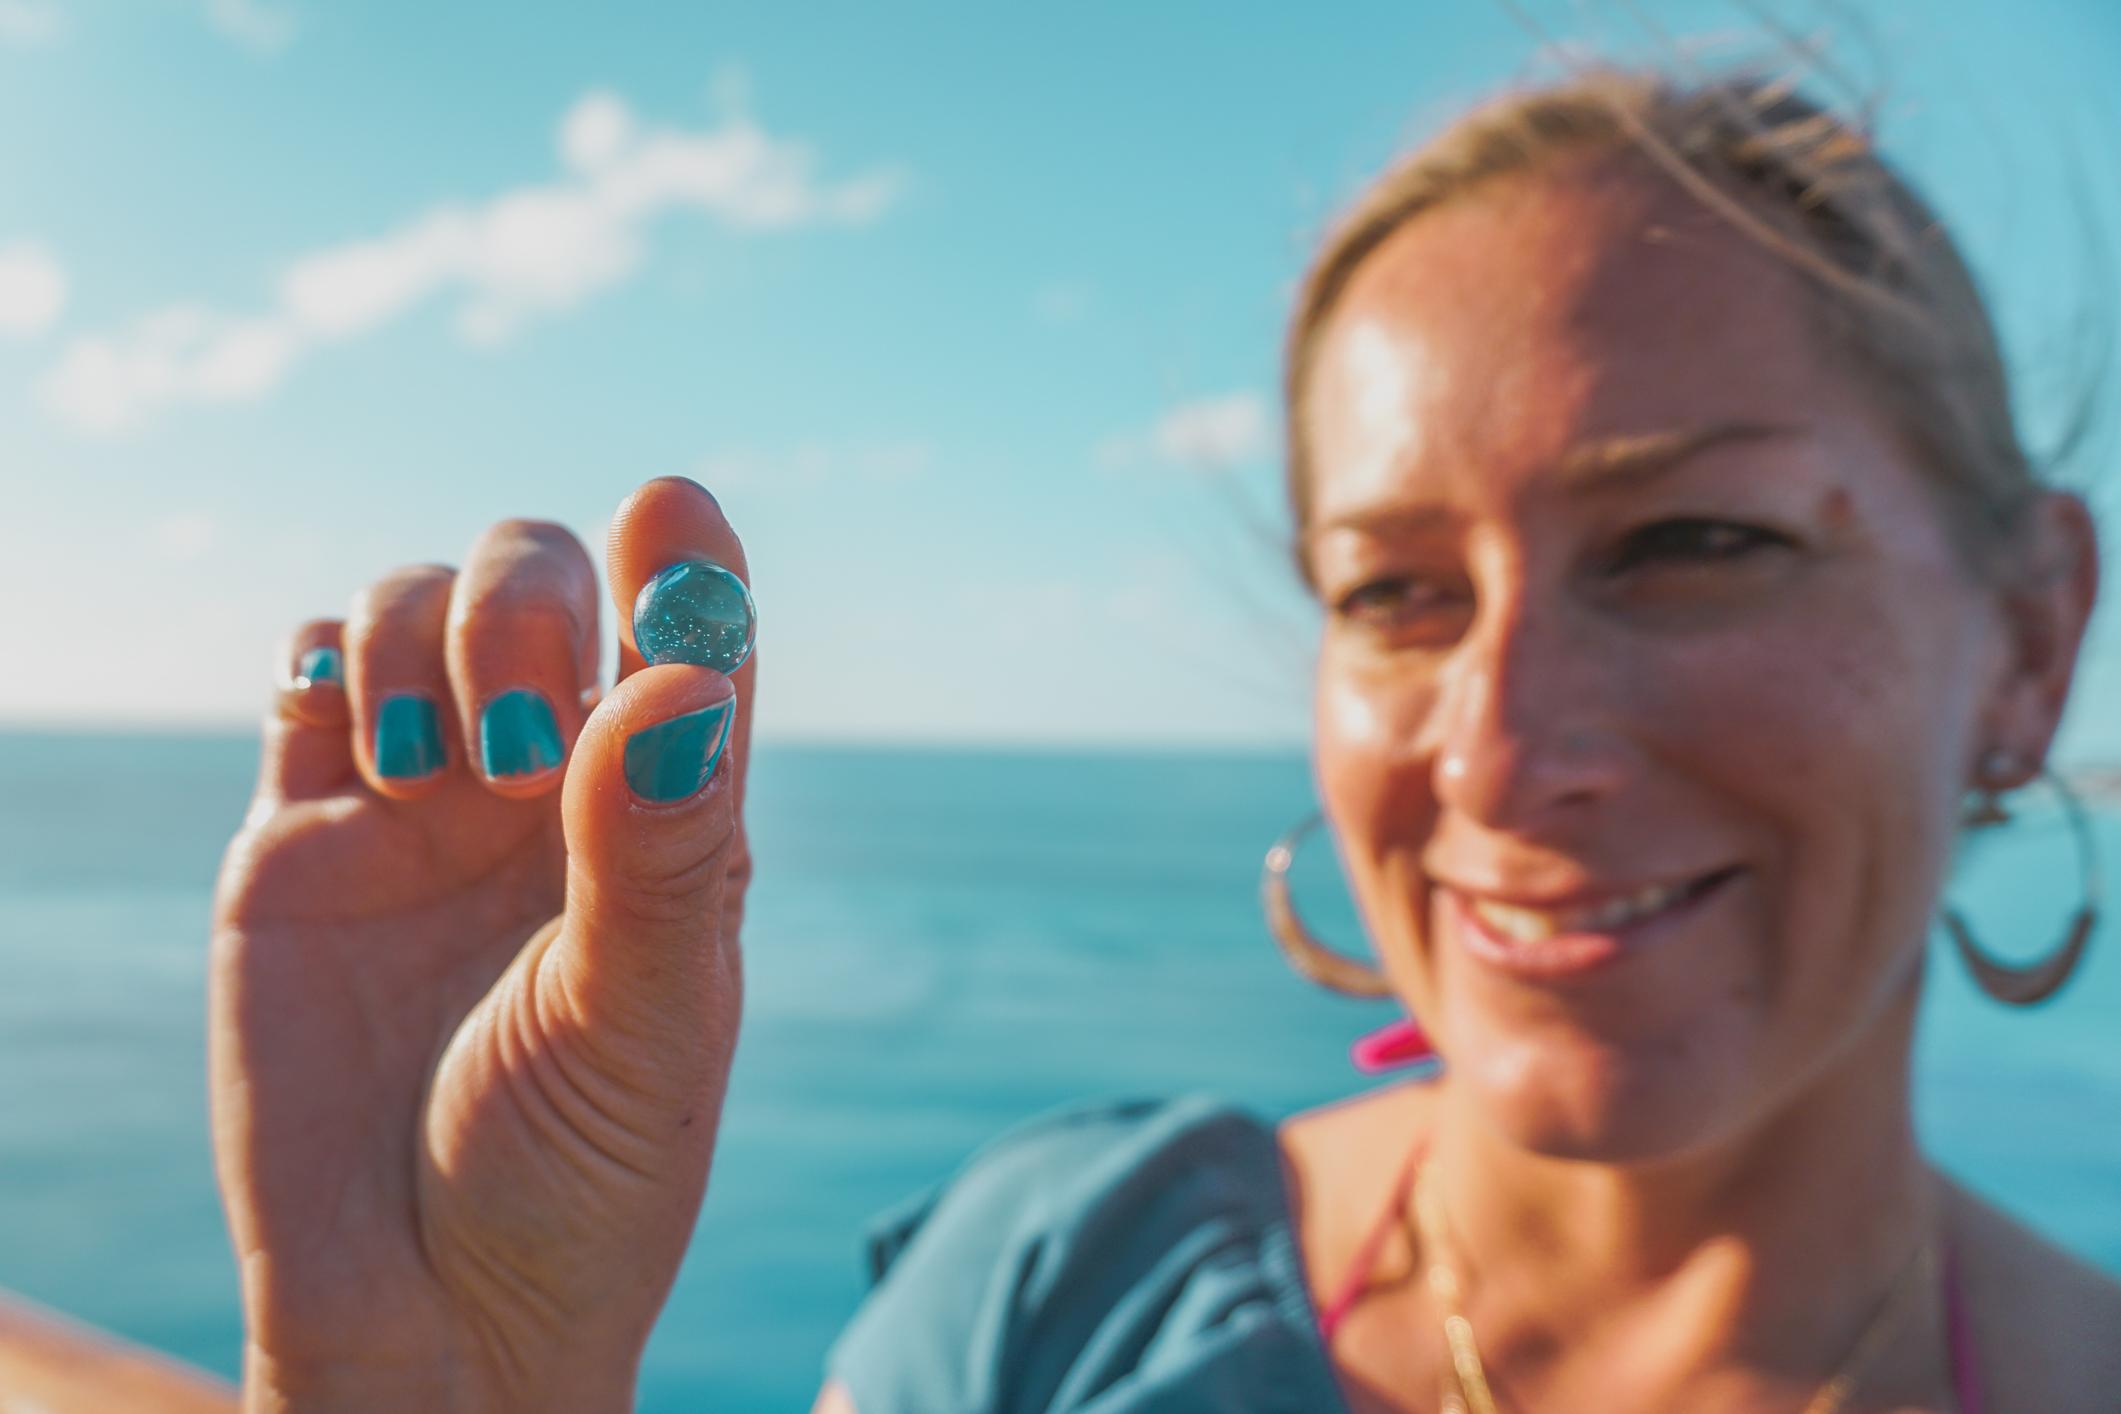 olapi-creative-blue-mind-oprah-magazine-travel-writer-cruise